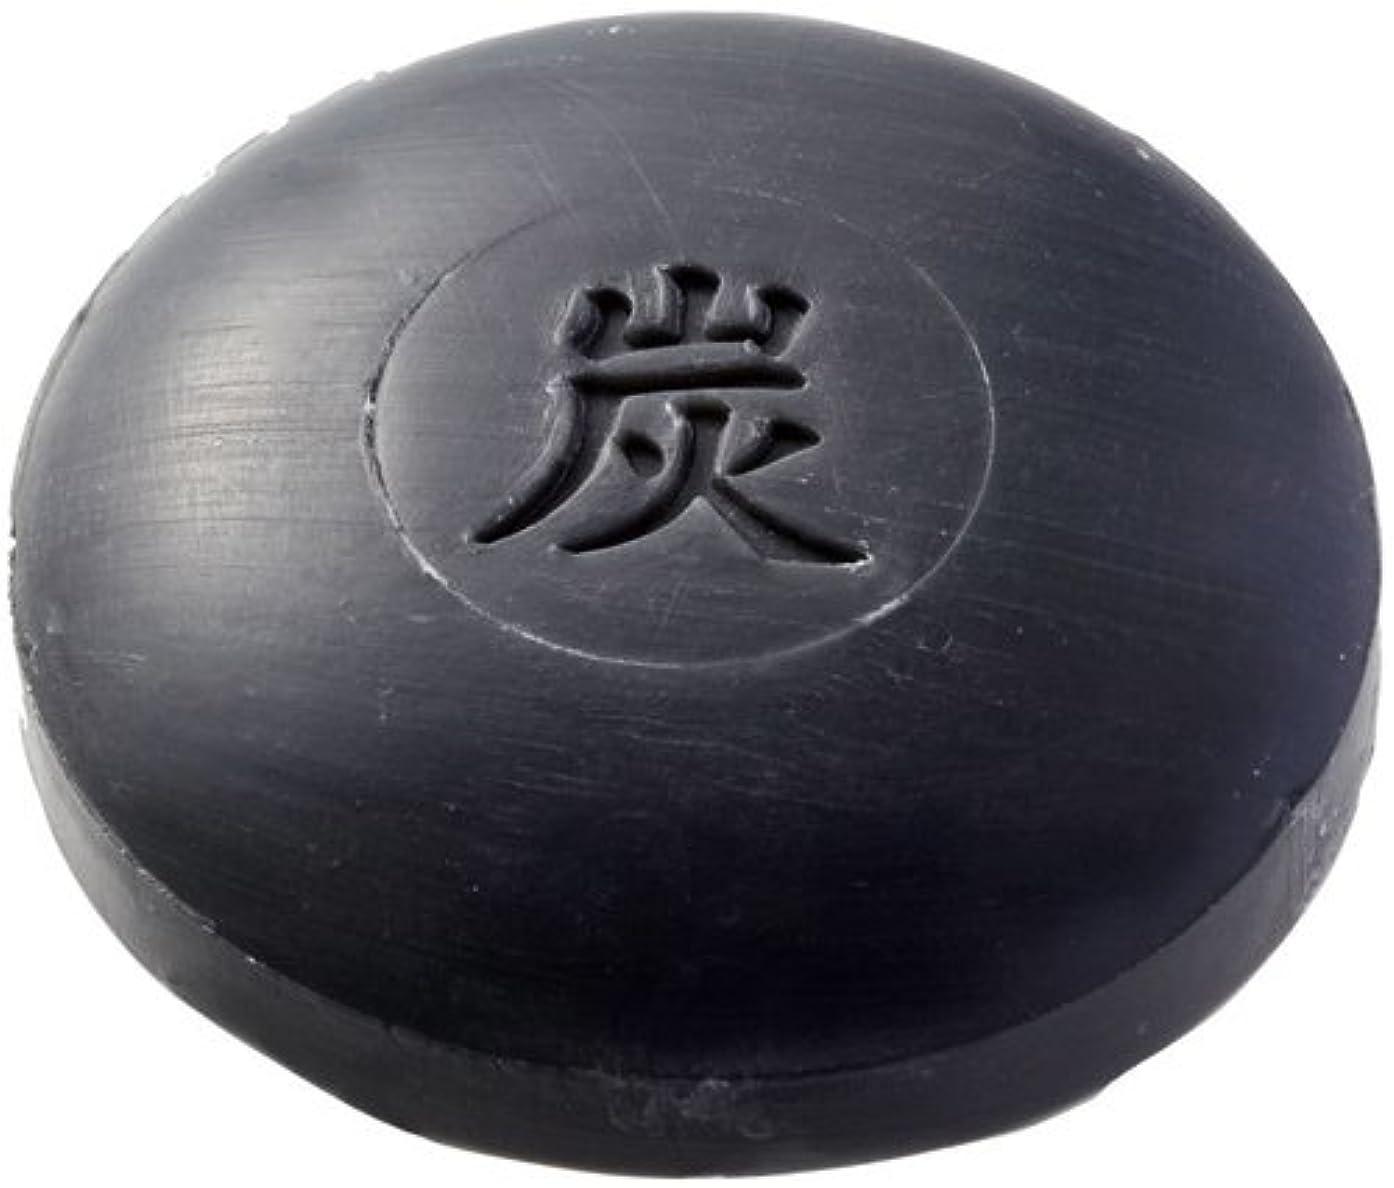 まっすぐにする吸収剤子孫和み庵 石けん(炭石けん) 30g×10個